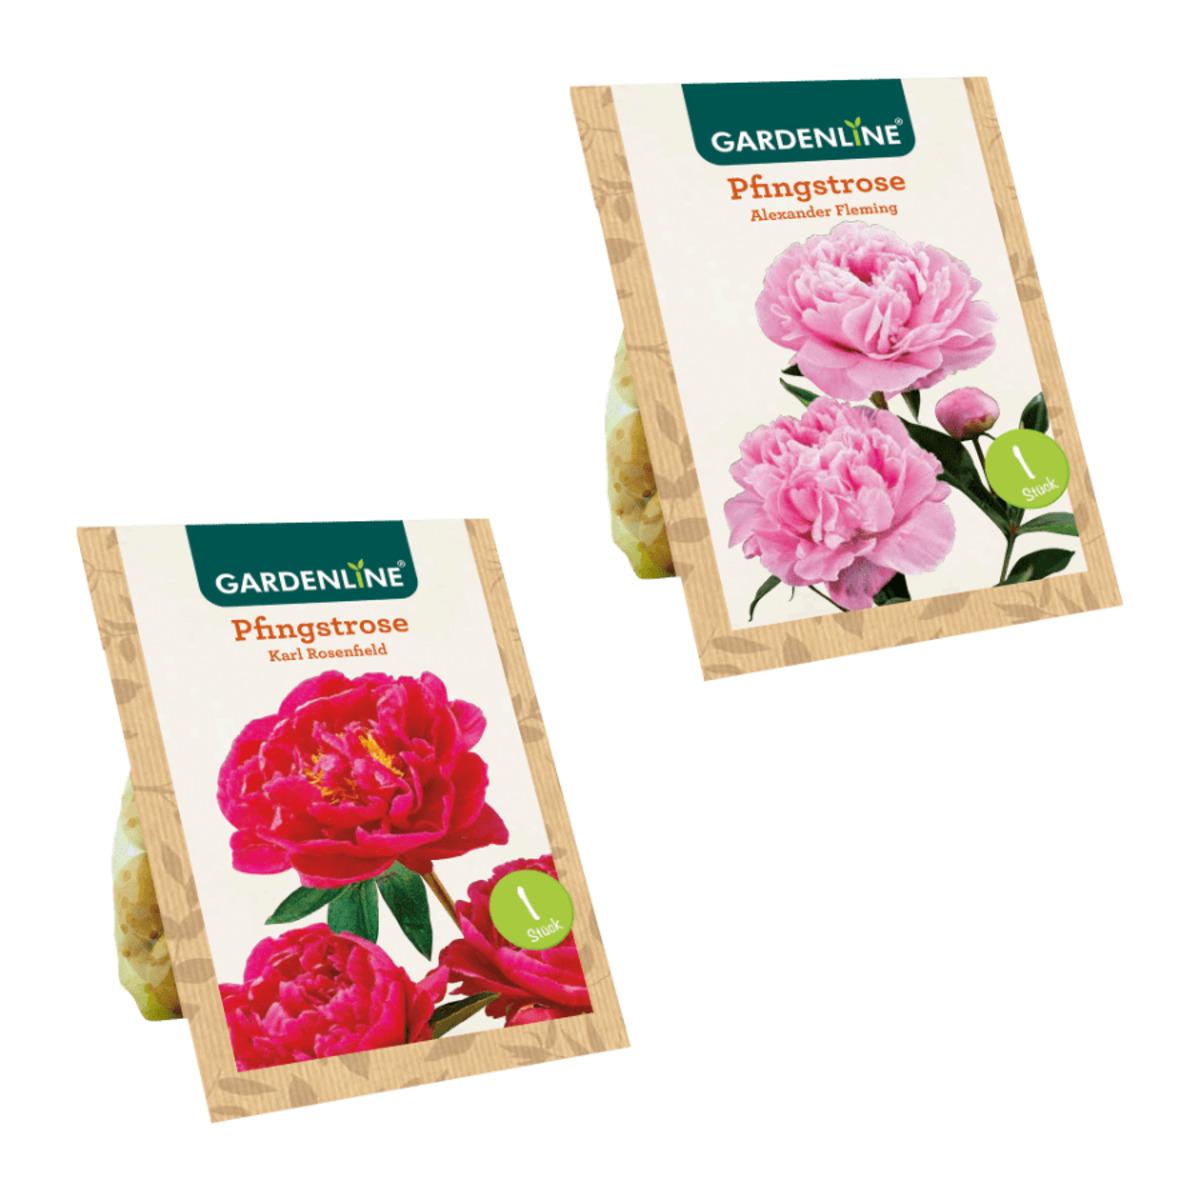 Bild 1 von GARDENLINE     Premium-Pfingstrosenknolle